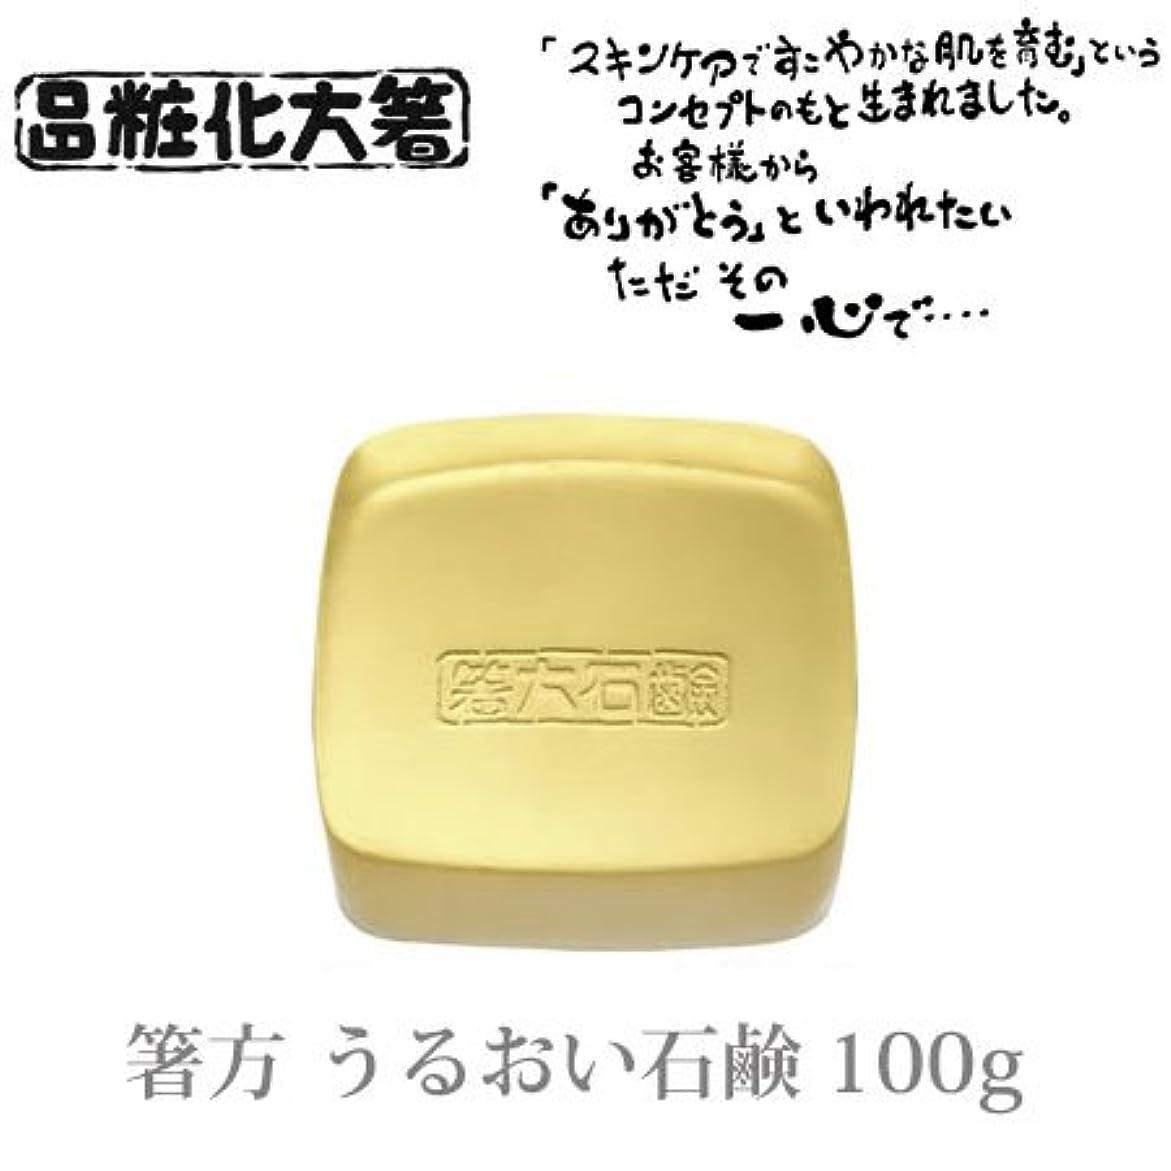 バー広く容赦ない箸方化粧品 うるおい石鹸 100g はしかた化粧品